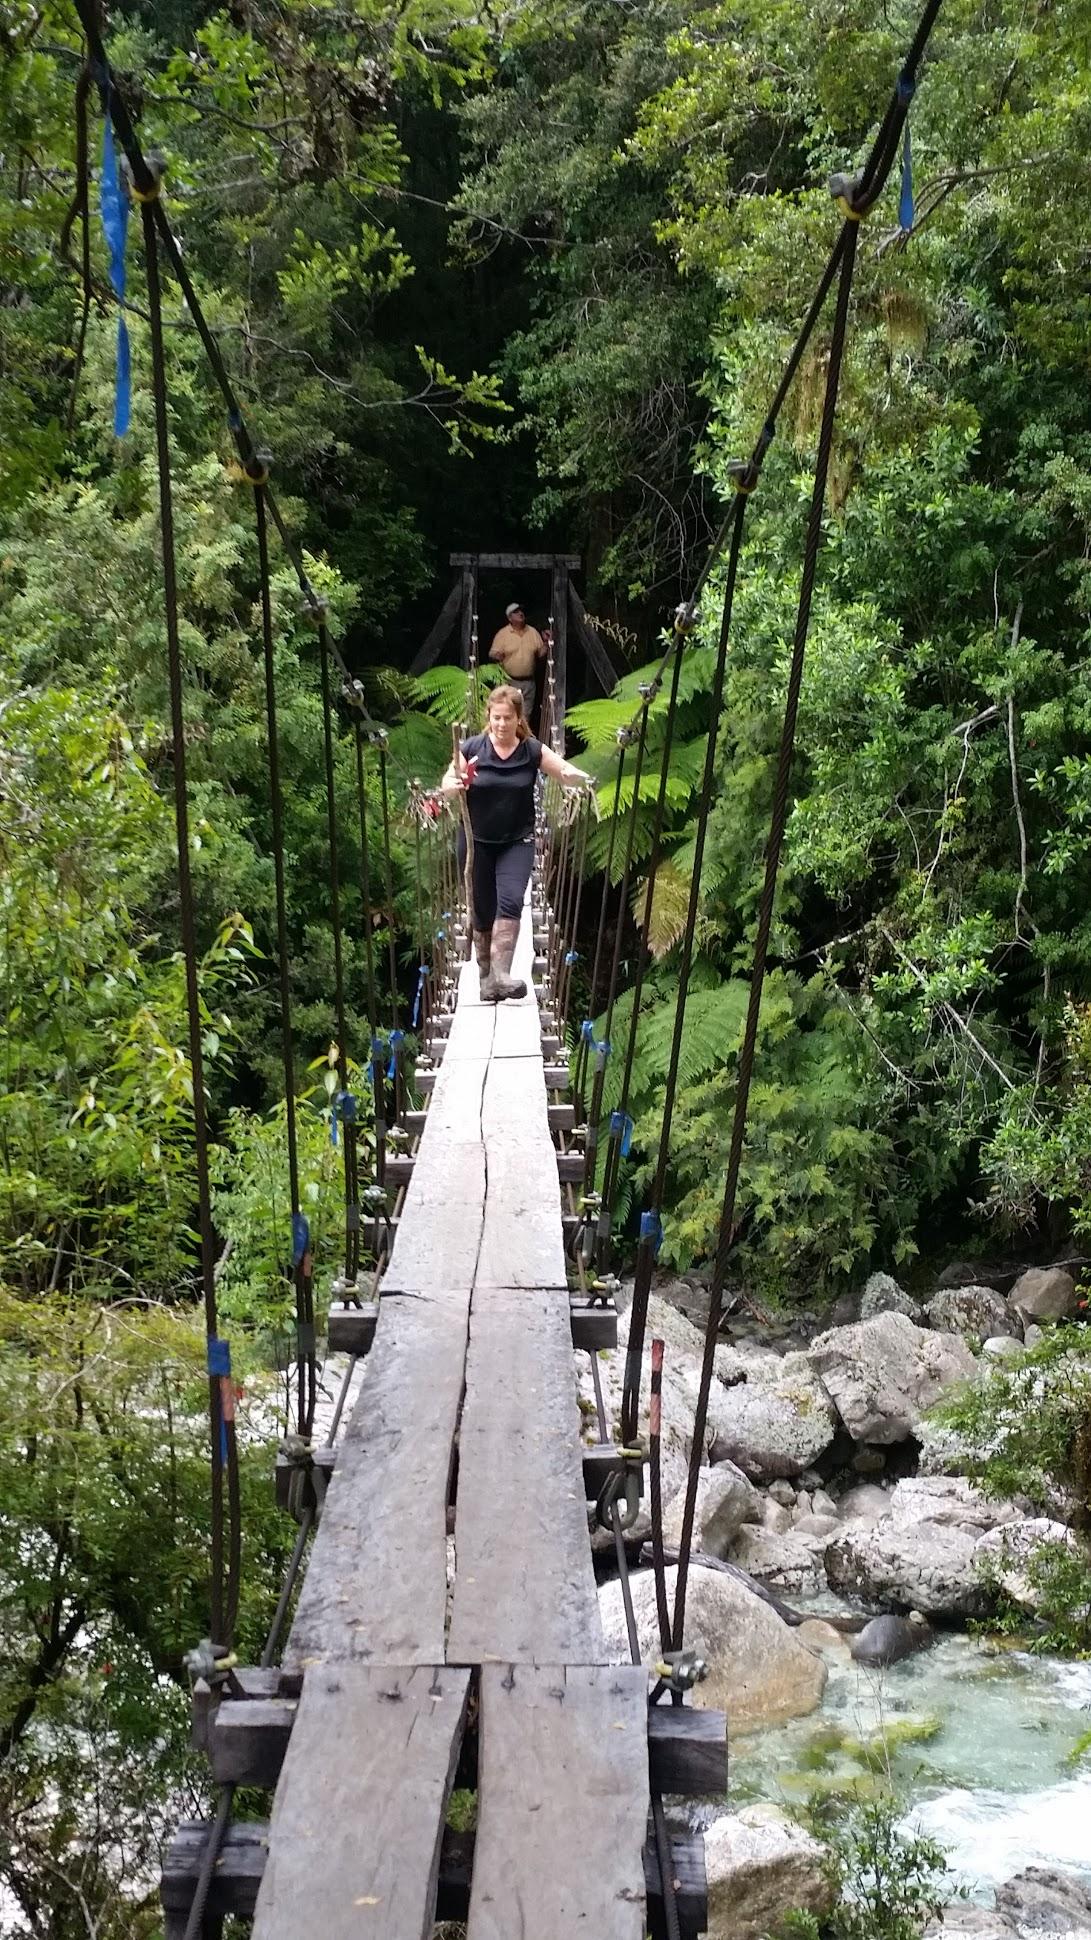 El puente colgante que cruza el Río Piedra en el sendero a La Junta.